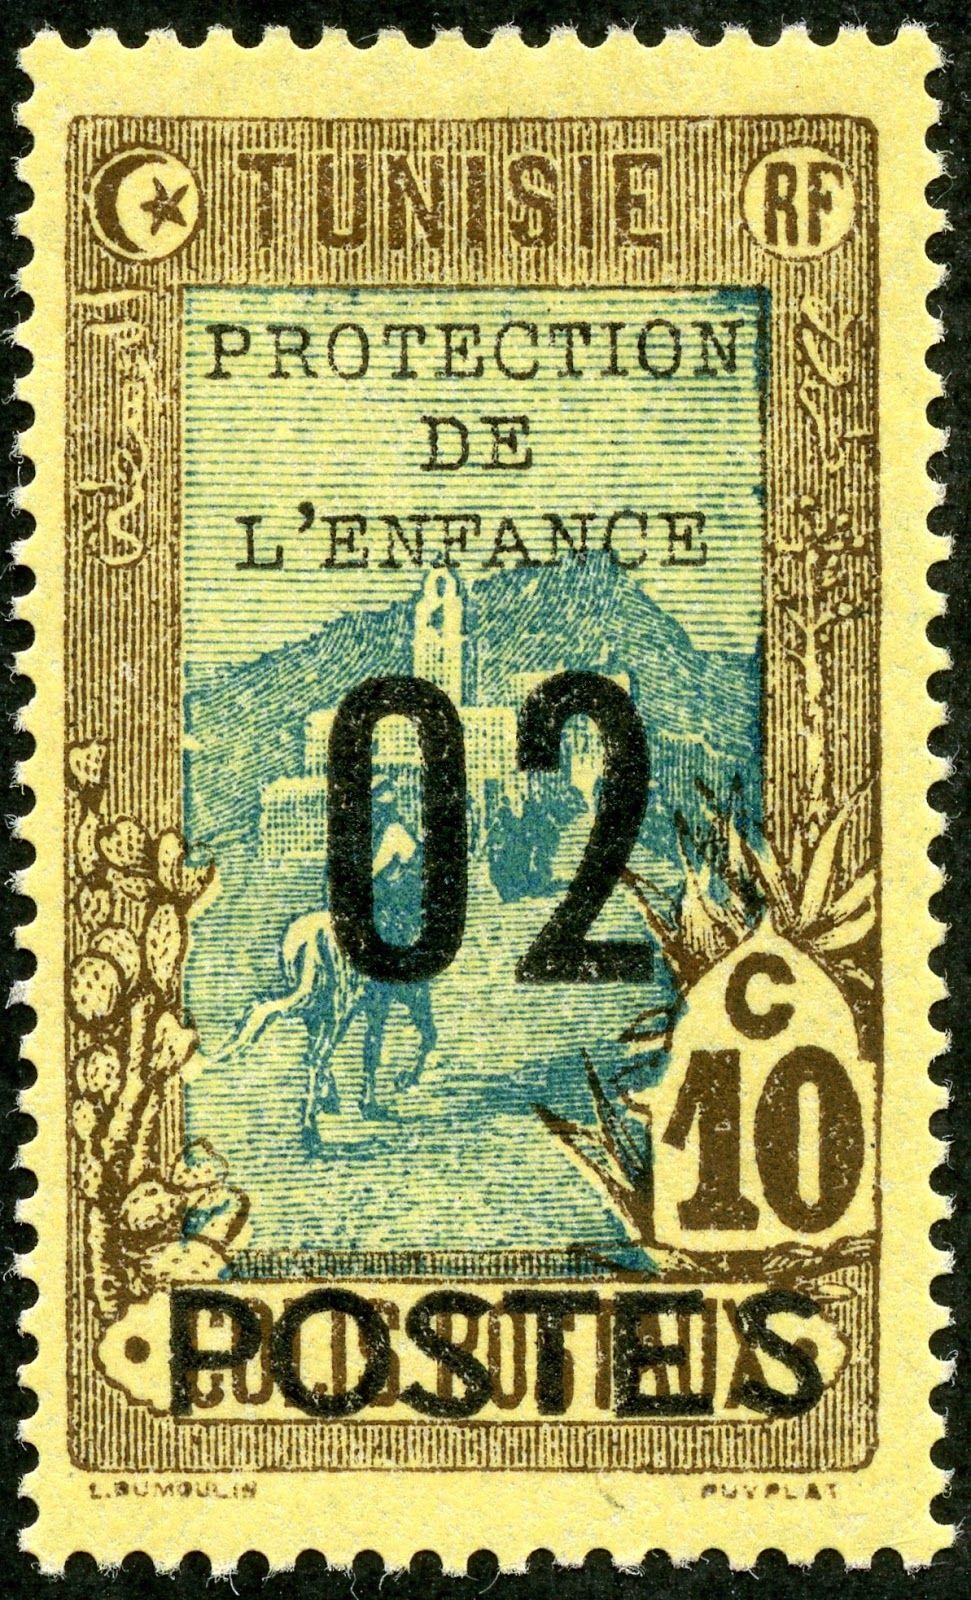 Tunisia 1925 Scott B38 2c On 10c Brown Blue Yellow Mail